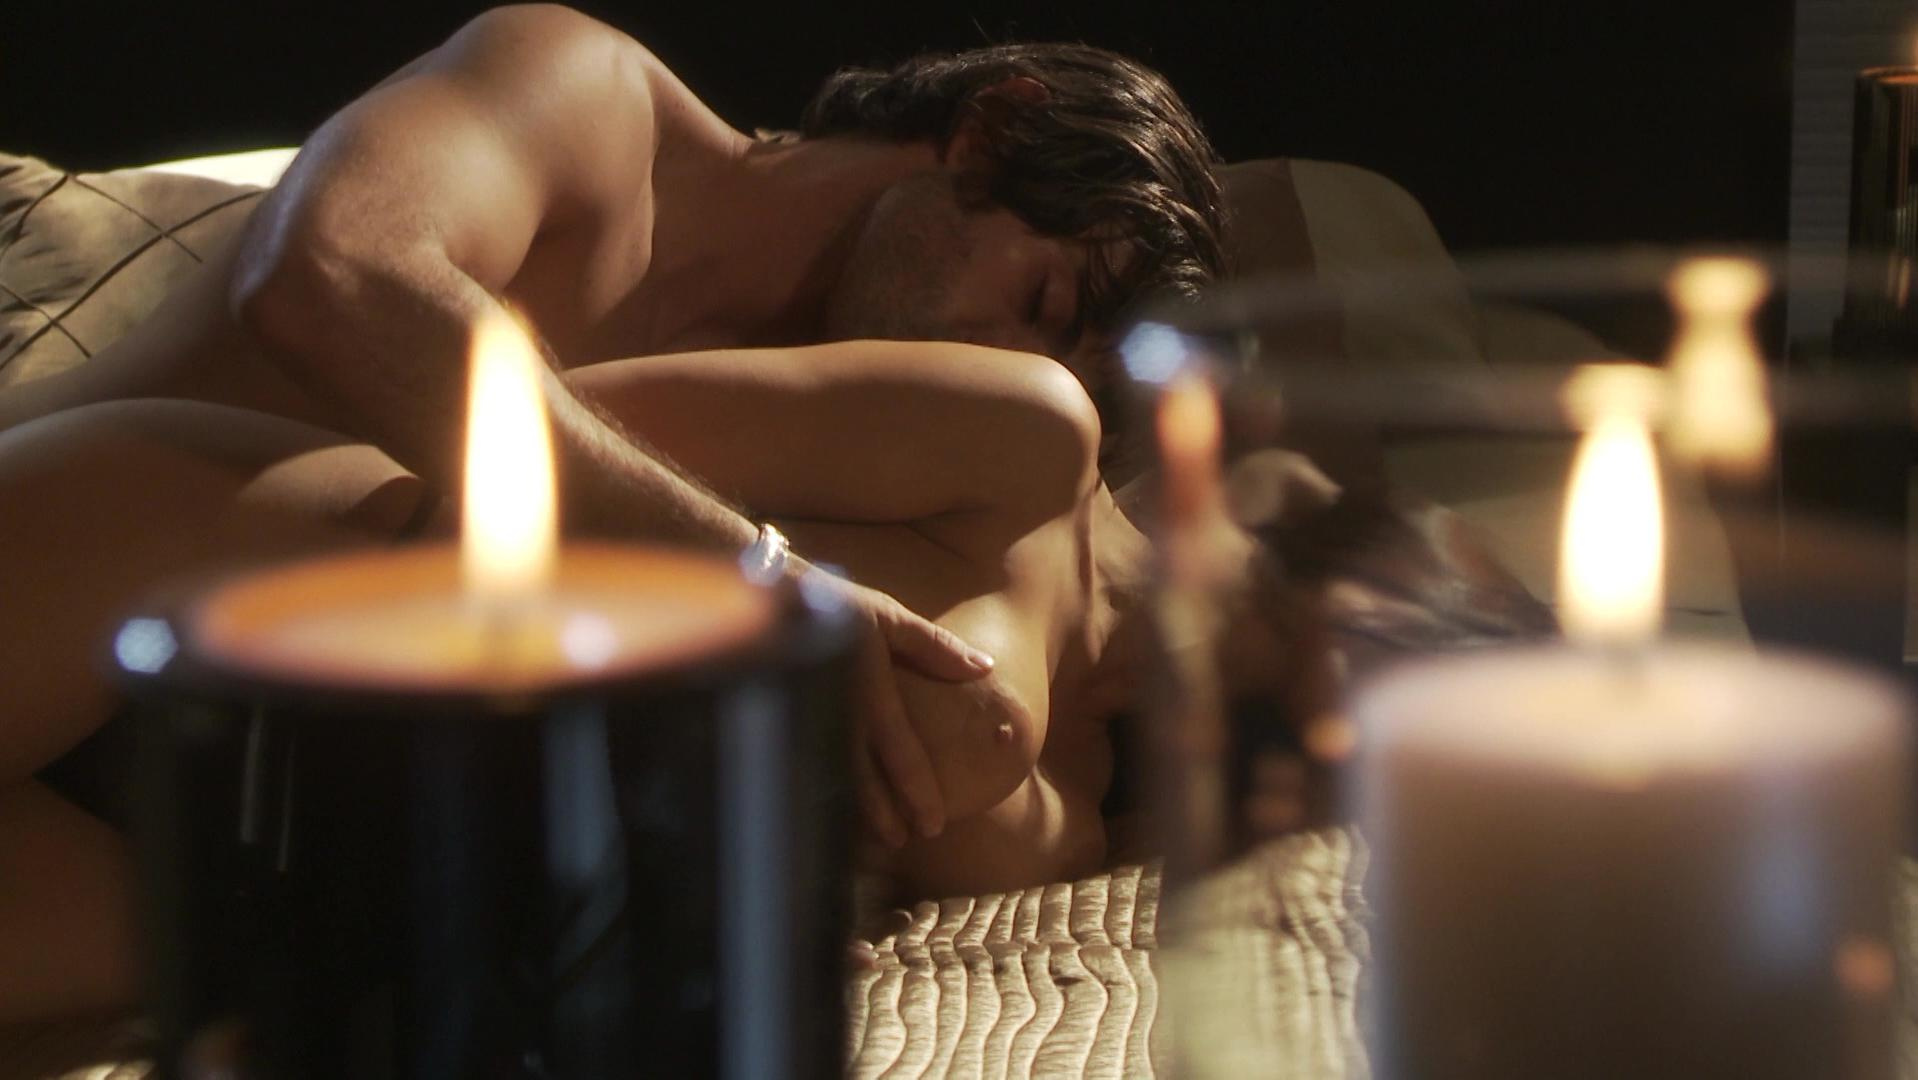 Elizabeth Cervantes nude - Oscura Seduccion (2010)